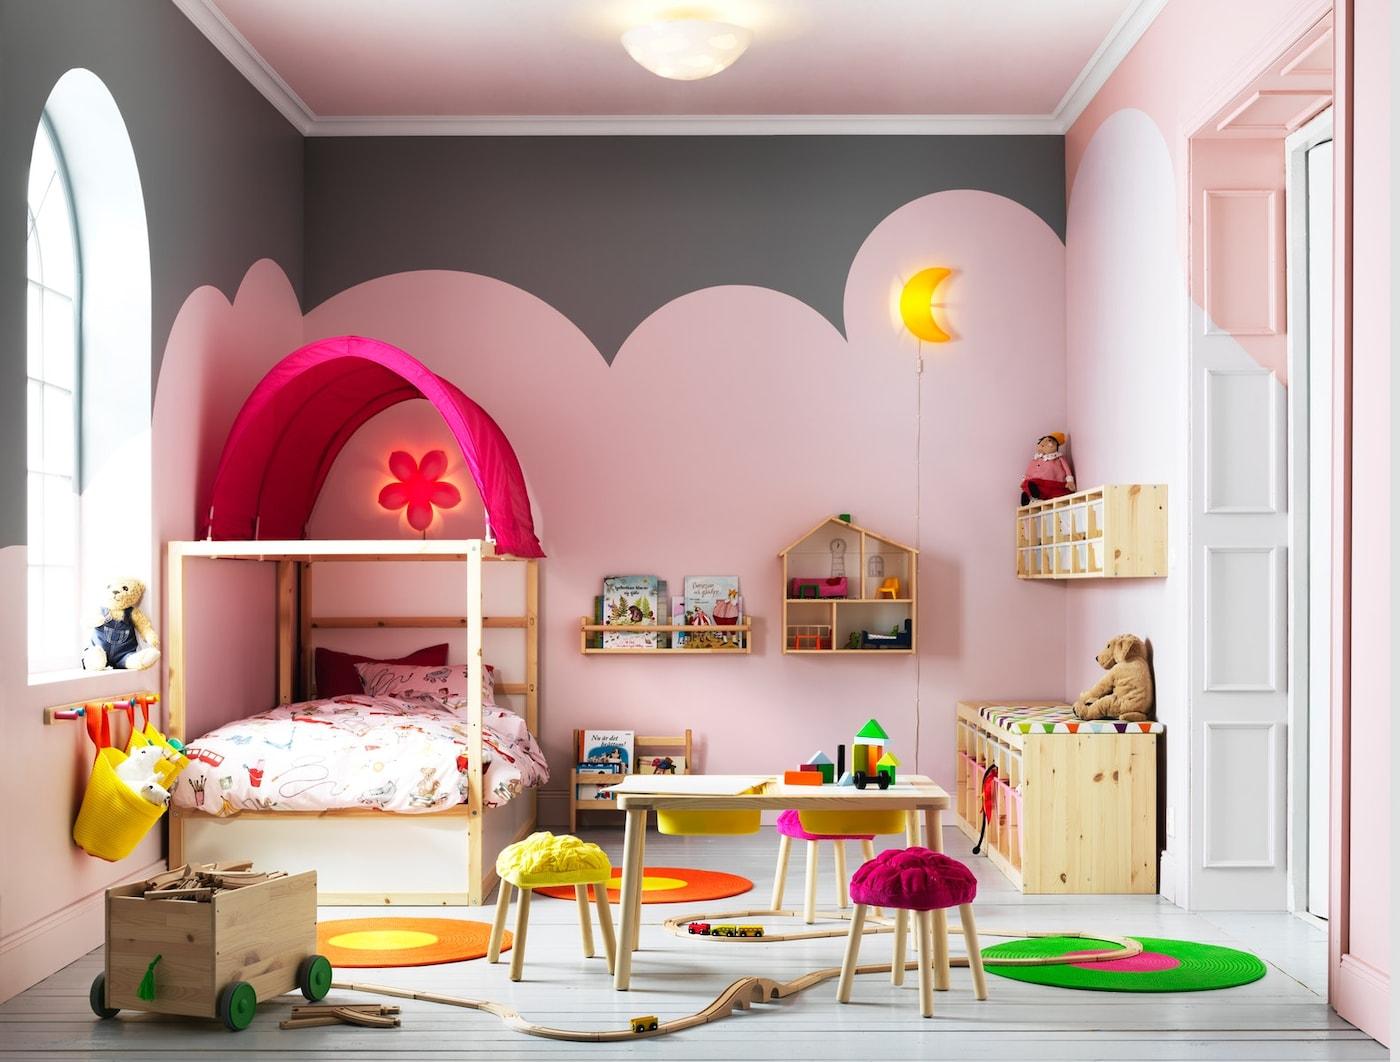 children s room design ideas gallery ikea rh ikea com  ikea children's room accessories